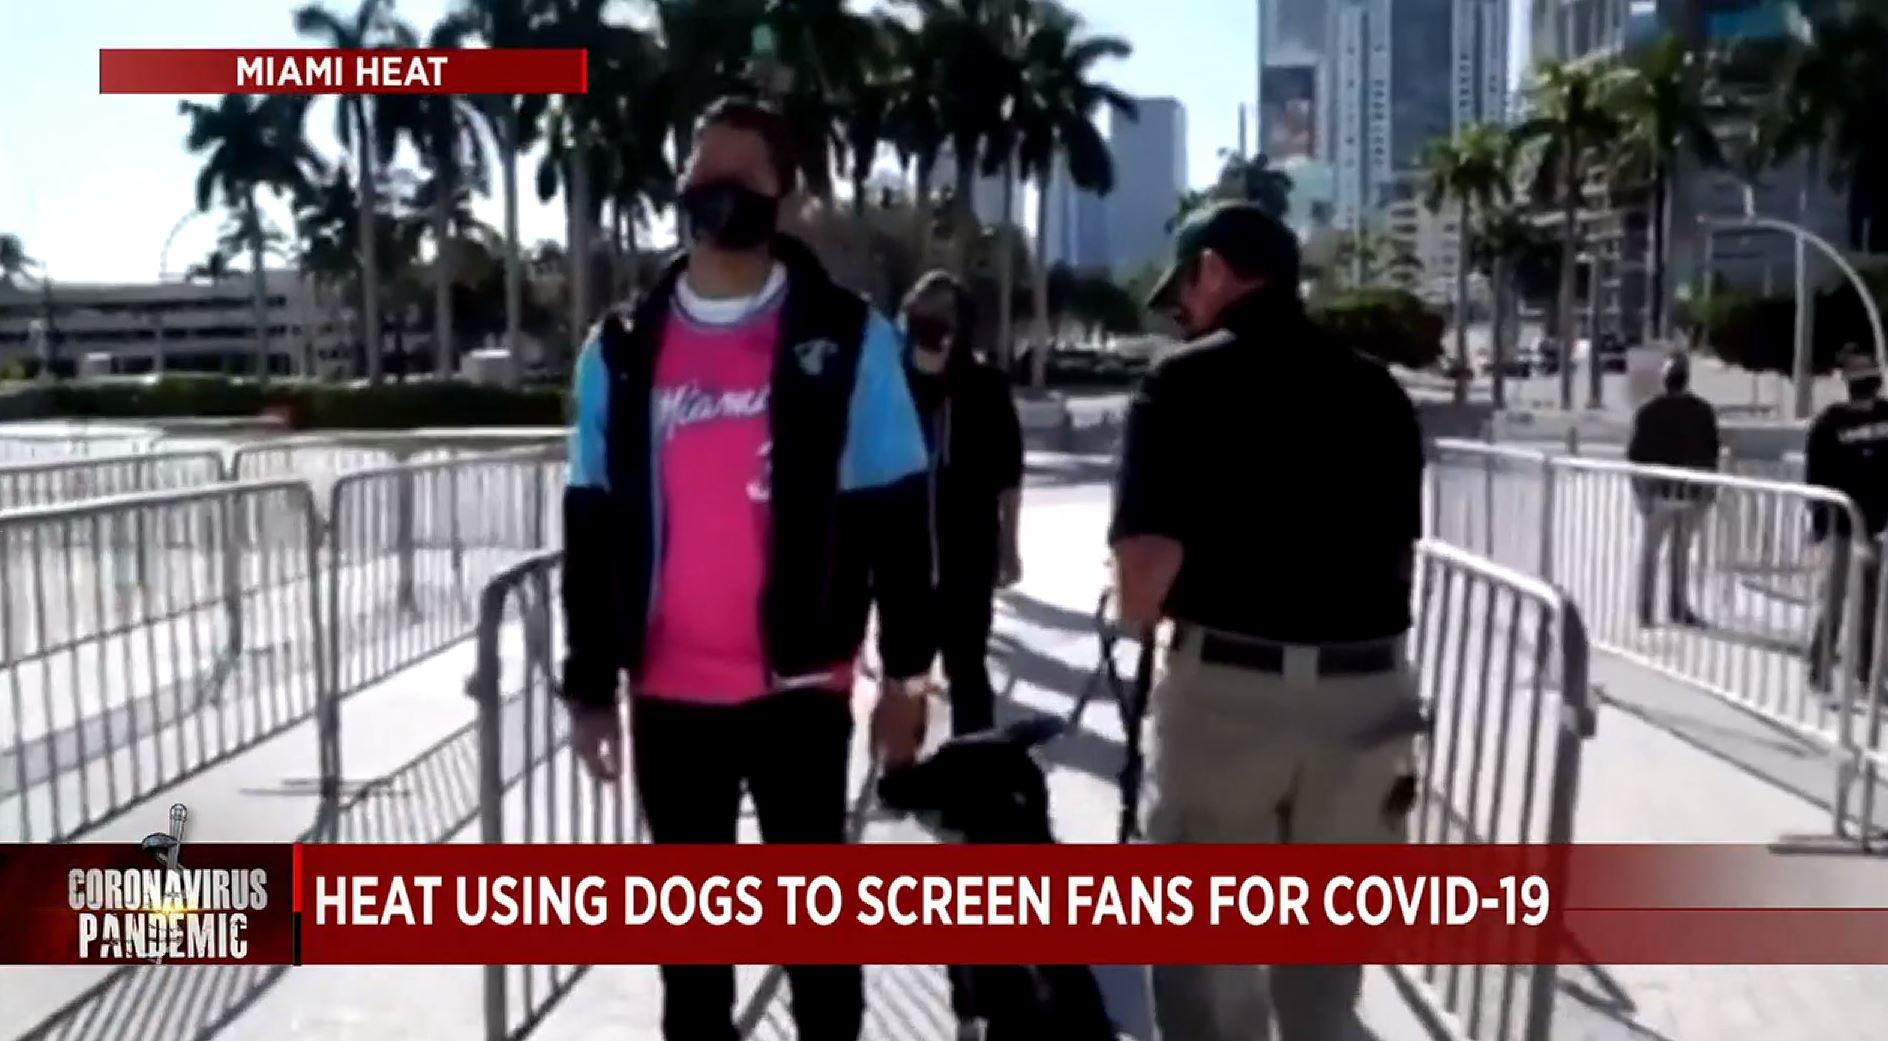 COVID-19 dogs